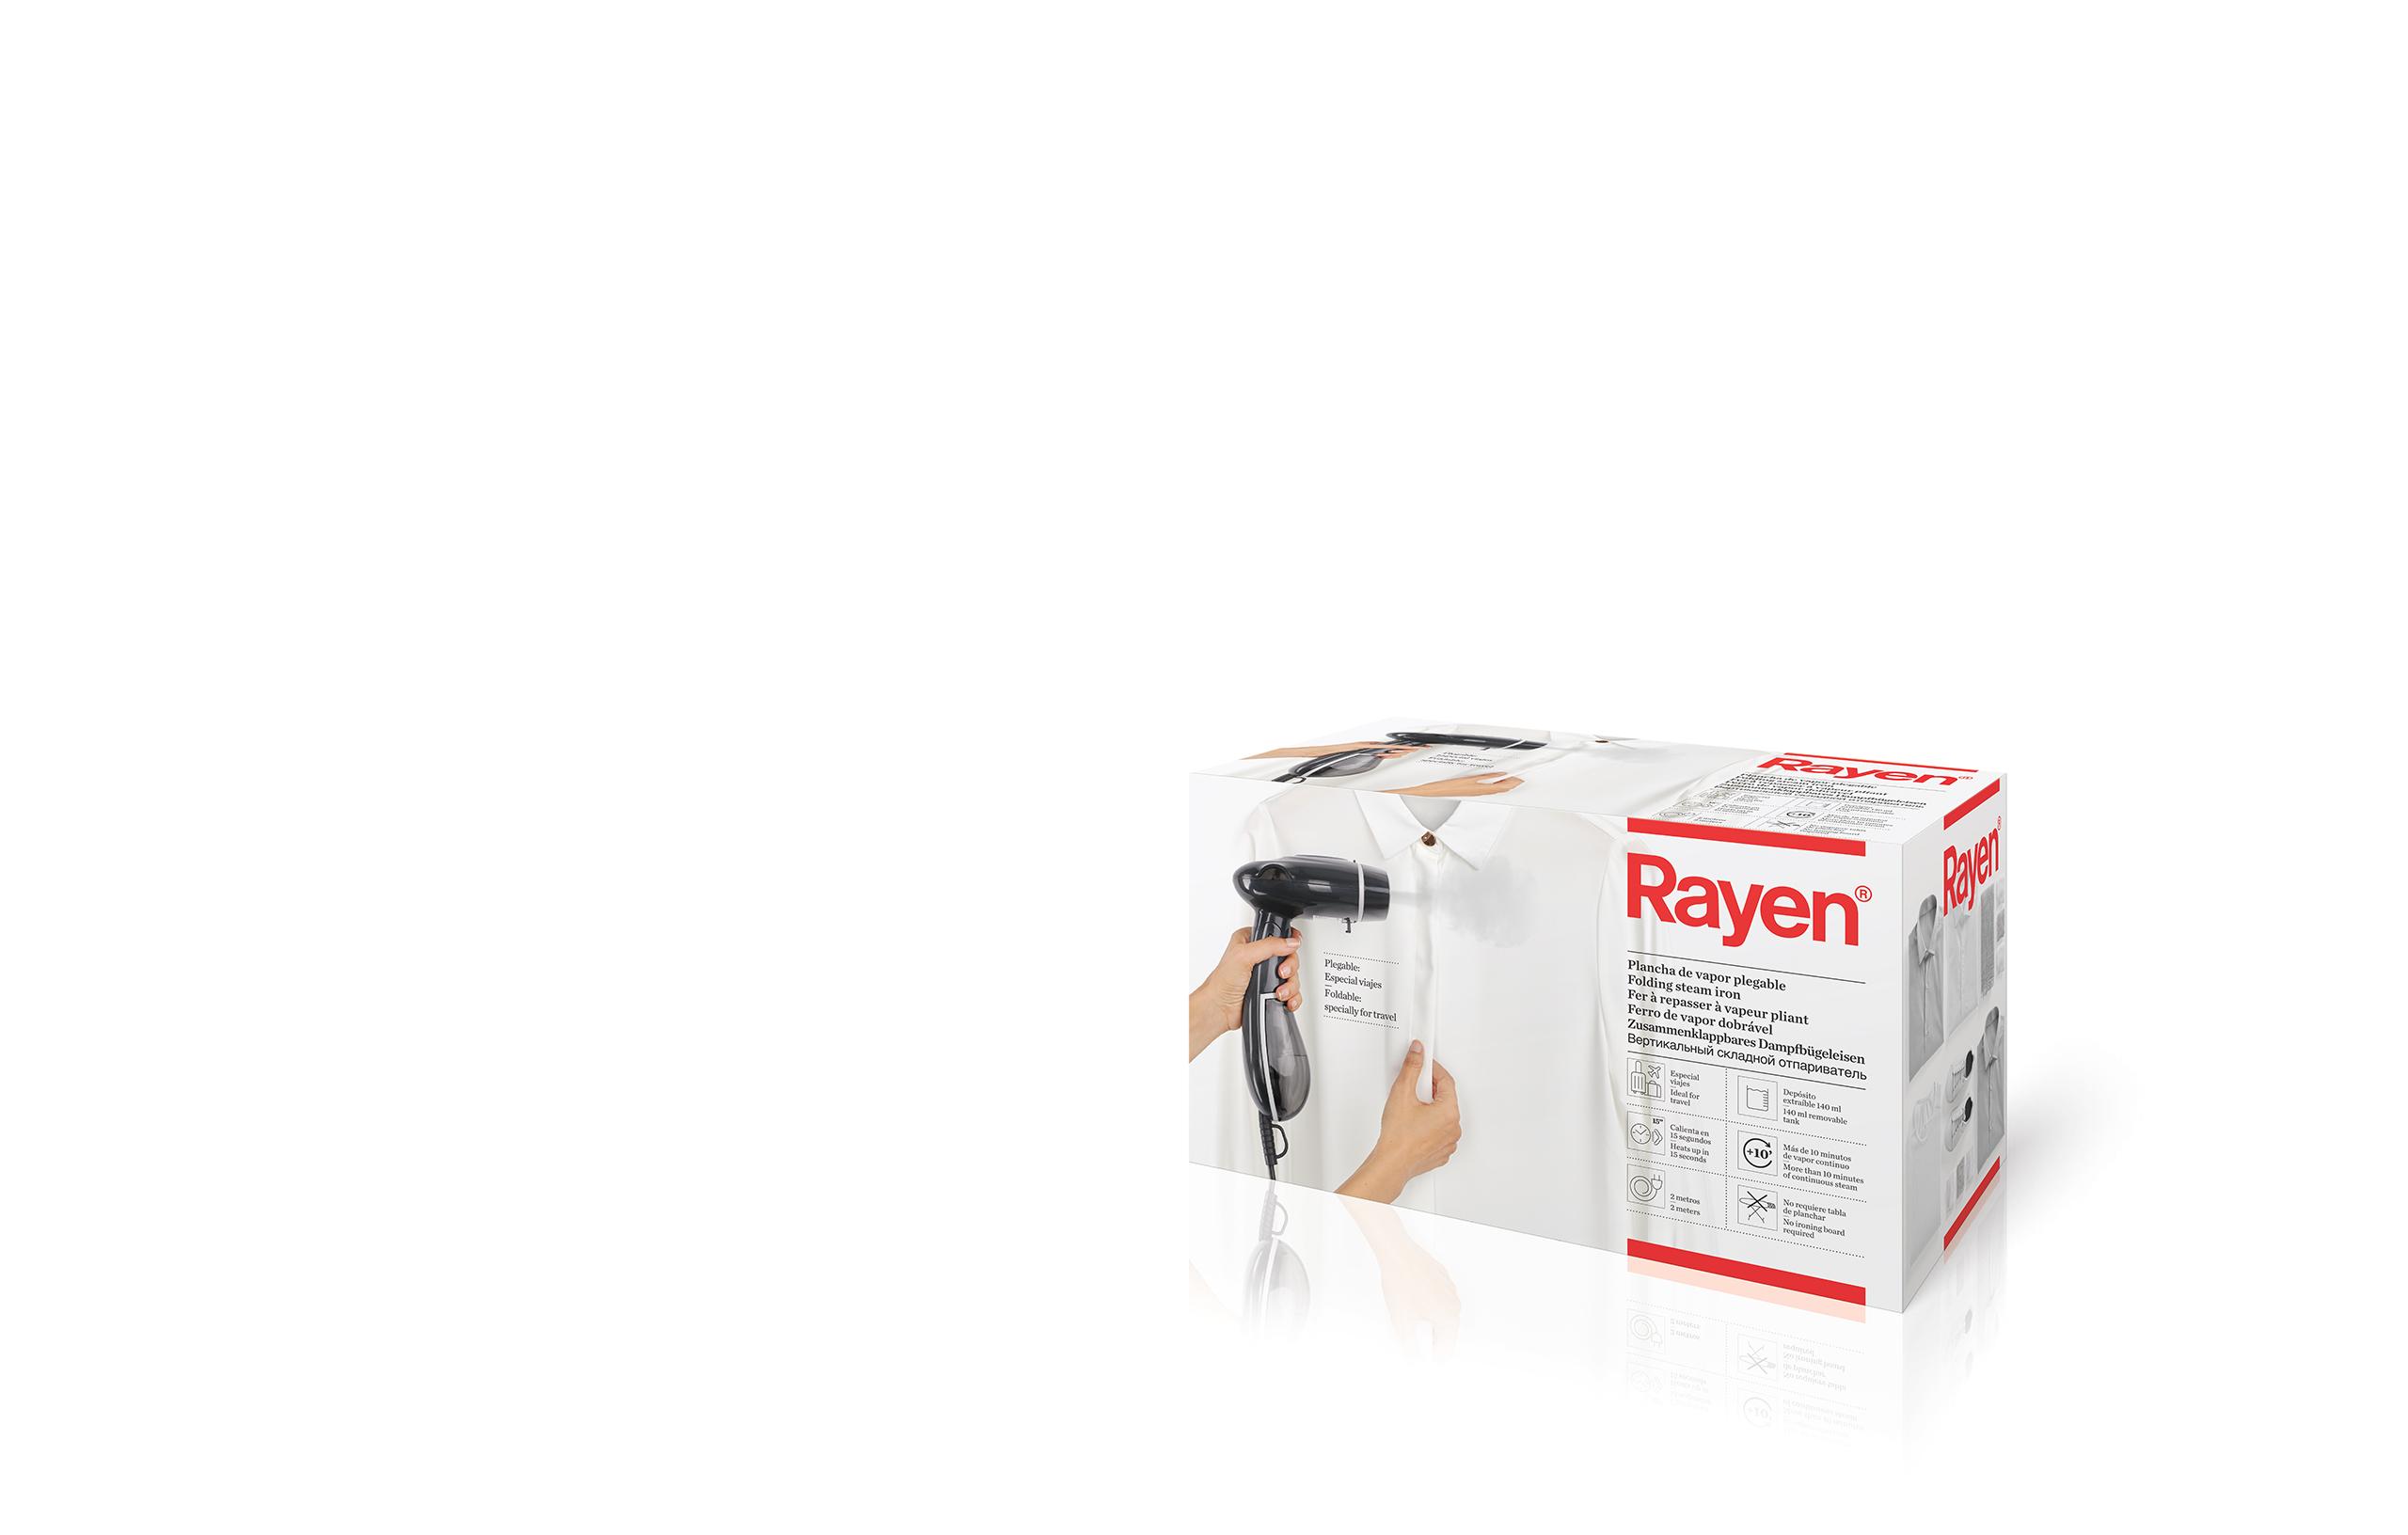 Rayen_Banner_Plancha-de-vapor_03_Def Rayen_Banner_Plancha de vapor_03_Def | Rayen.com